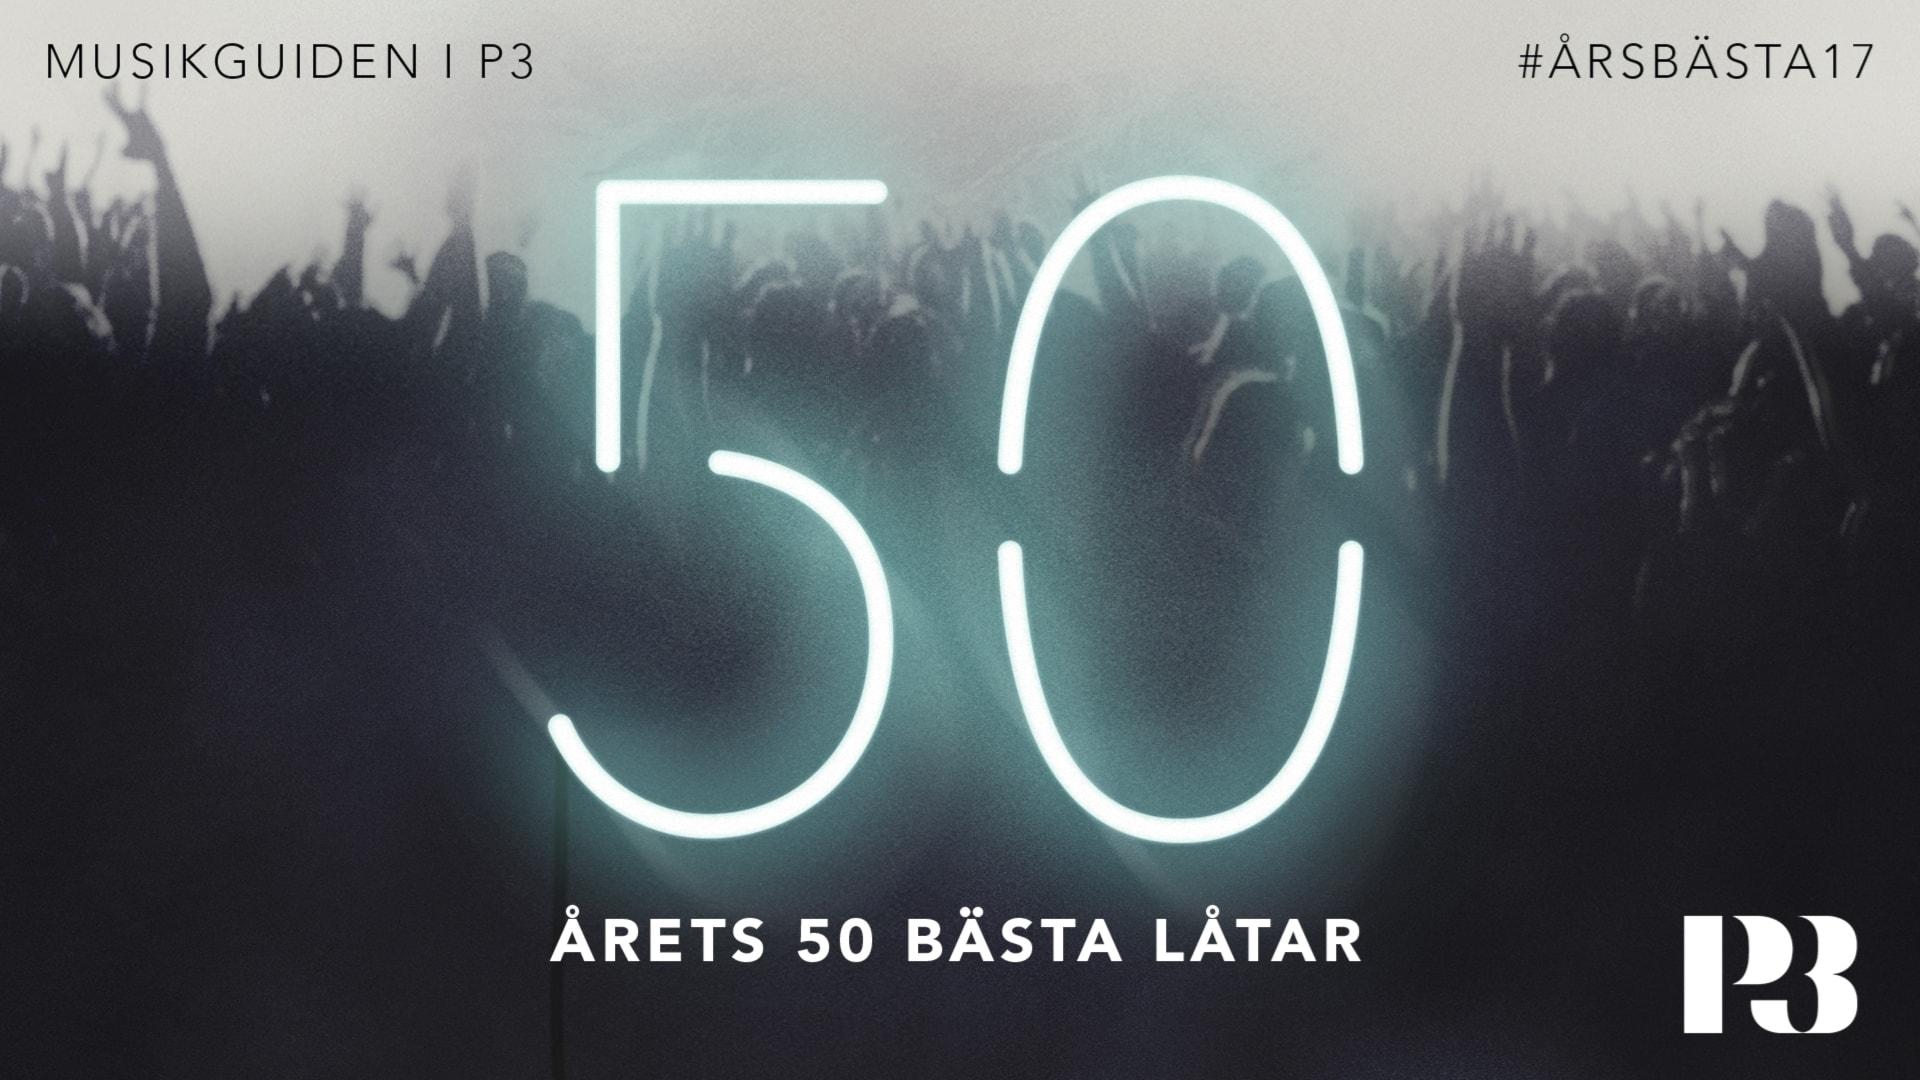 roliga 50 års sånger Årsbästa17 – årets 50 bästa låtar 21 december 2017 kl 18:03  roliga 50 års sånger